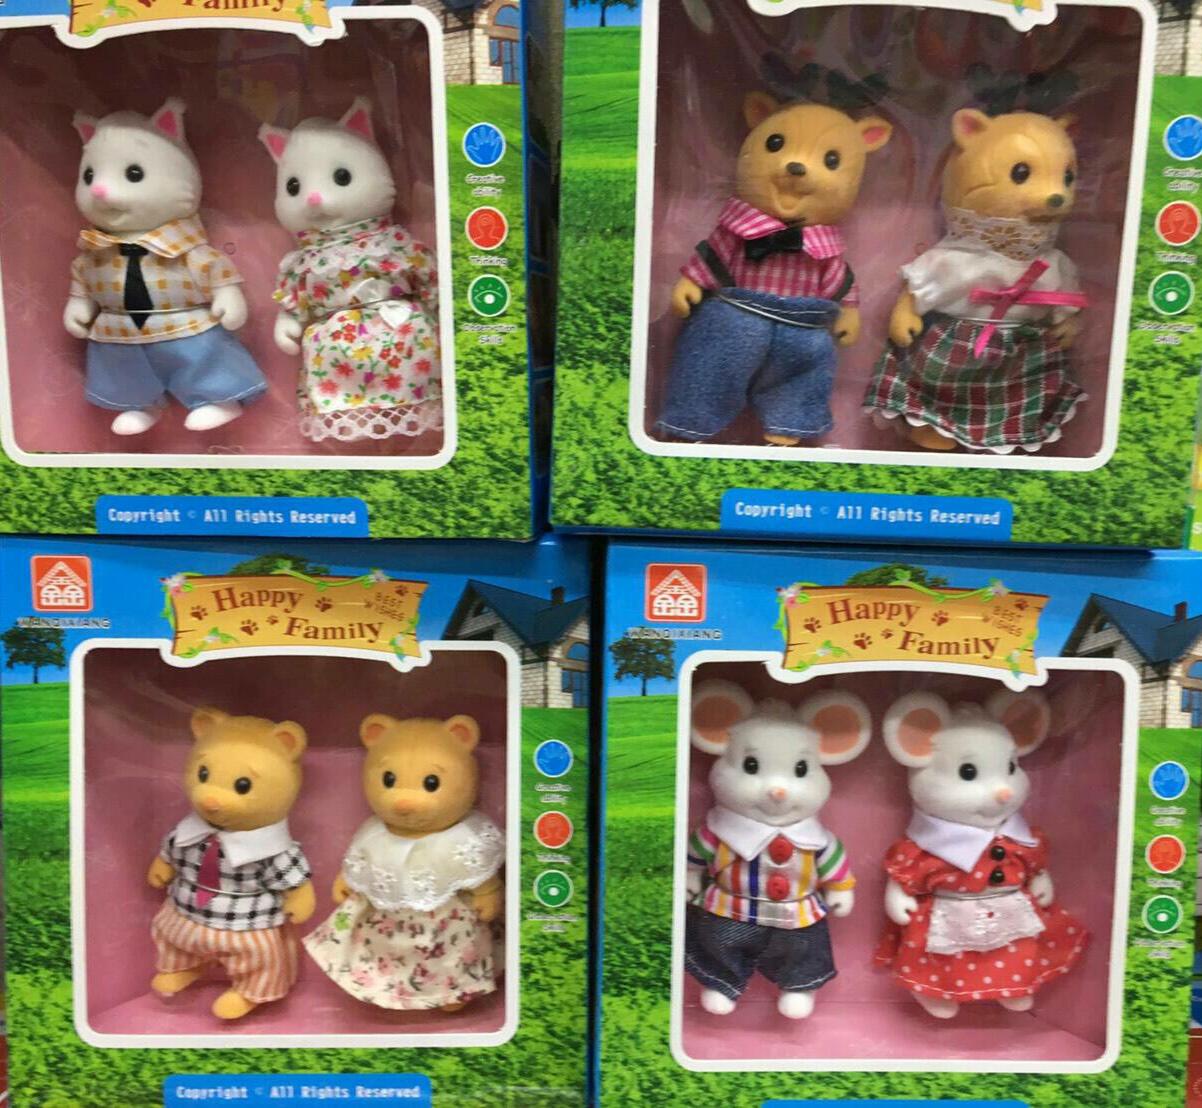 ตุ๊กตาบ้านกระต่าย ชุดละ 2 ตัว ส่งฟรีพัสดุไปรษณีย์